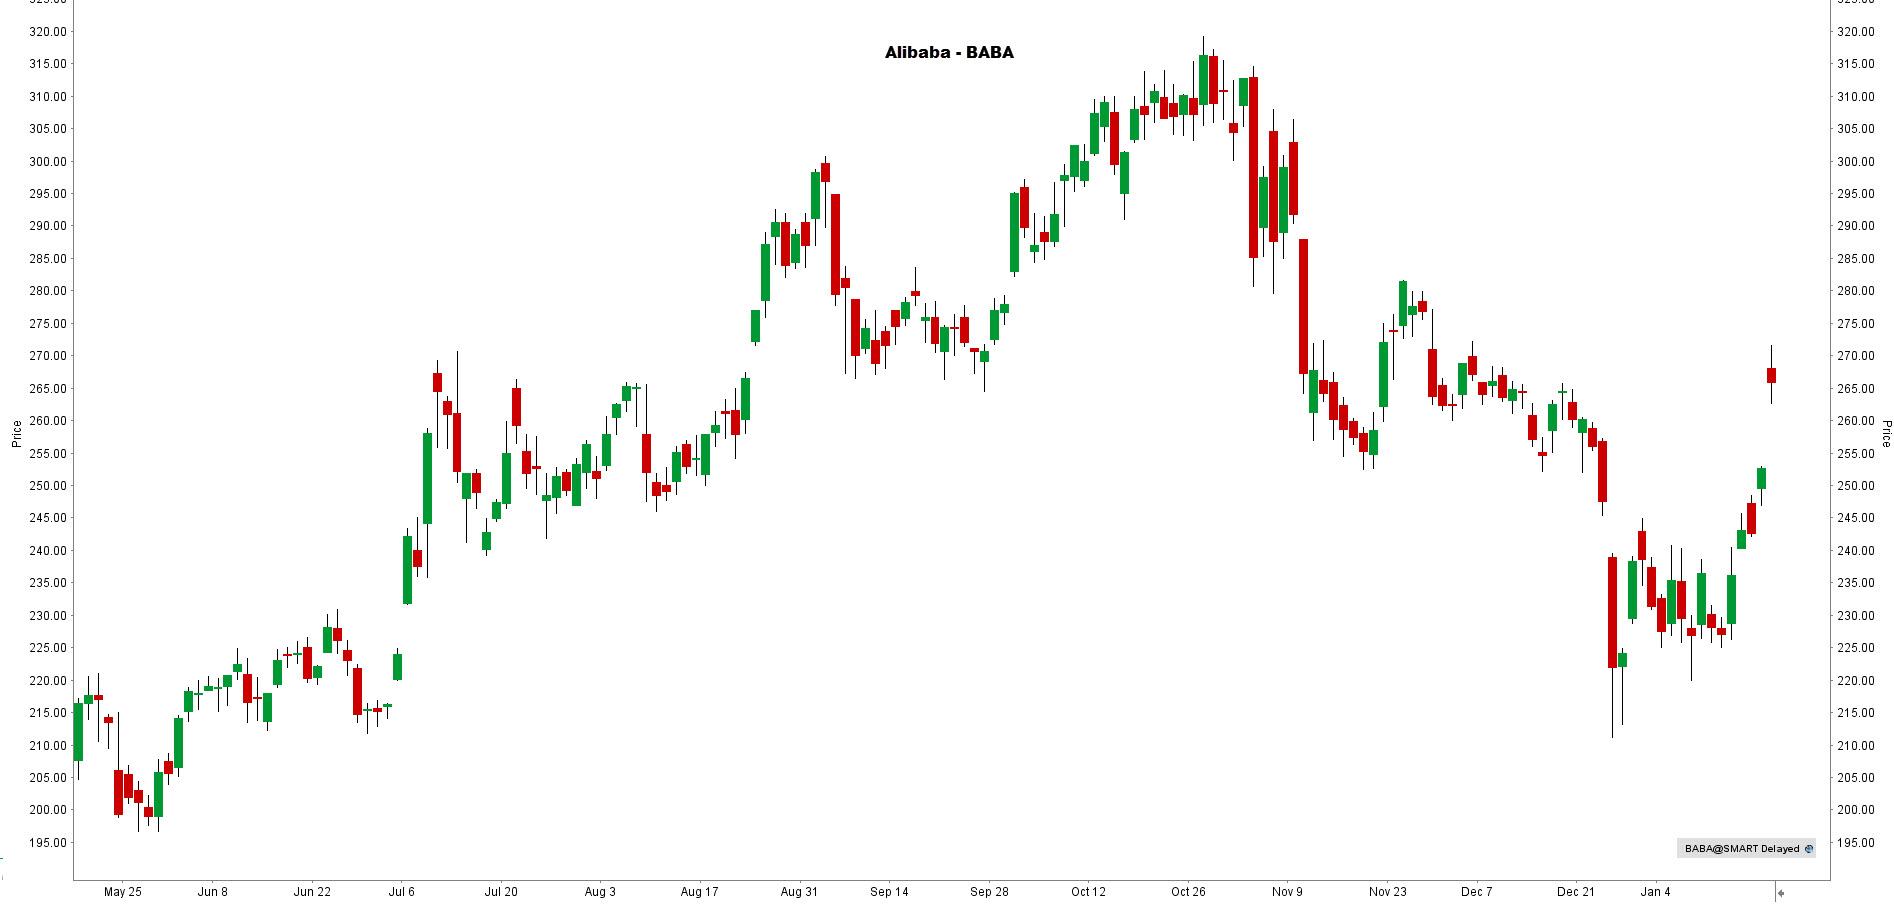 la chronique lynx broker 210121 - graphique Alibaba